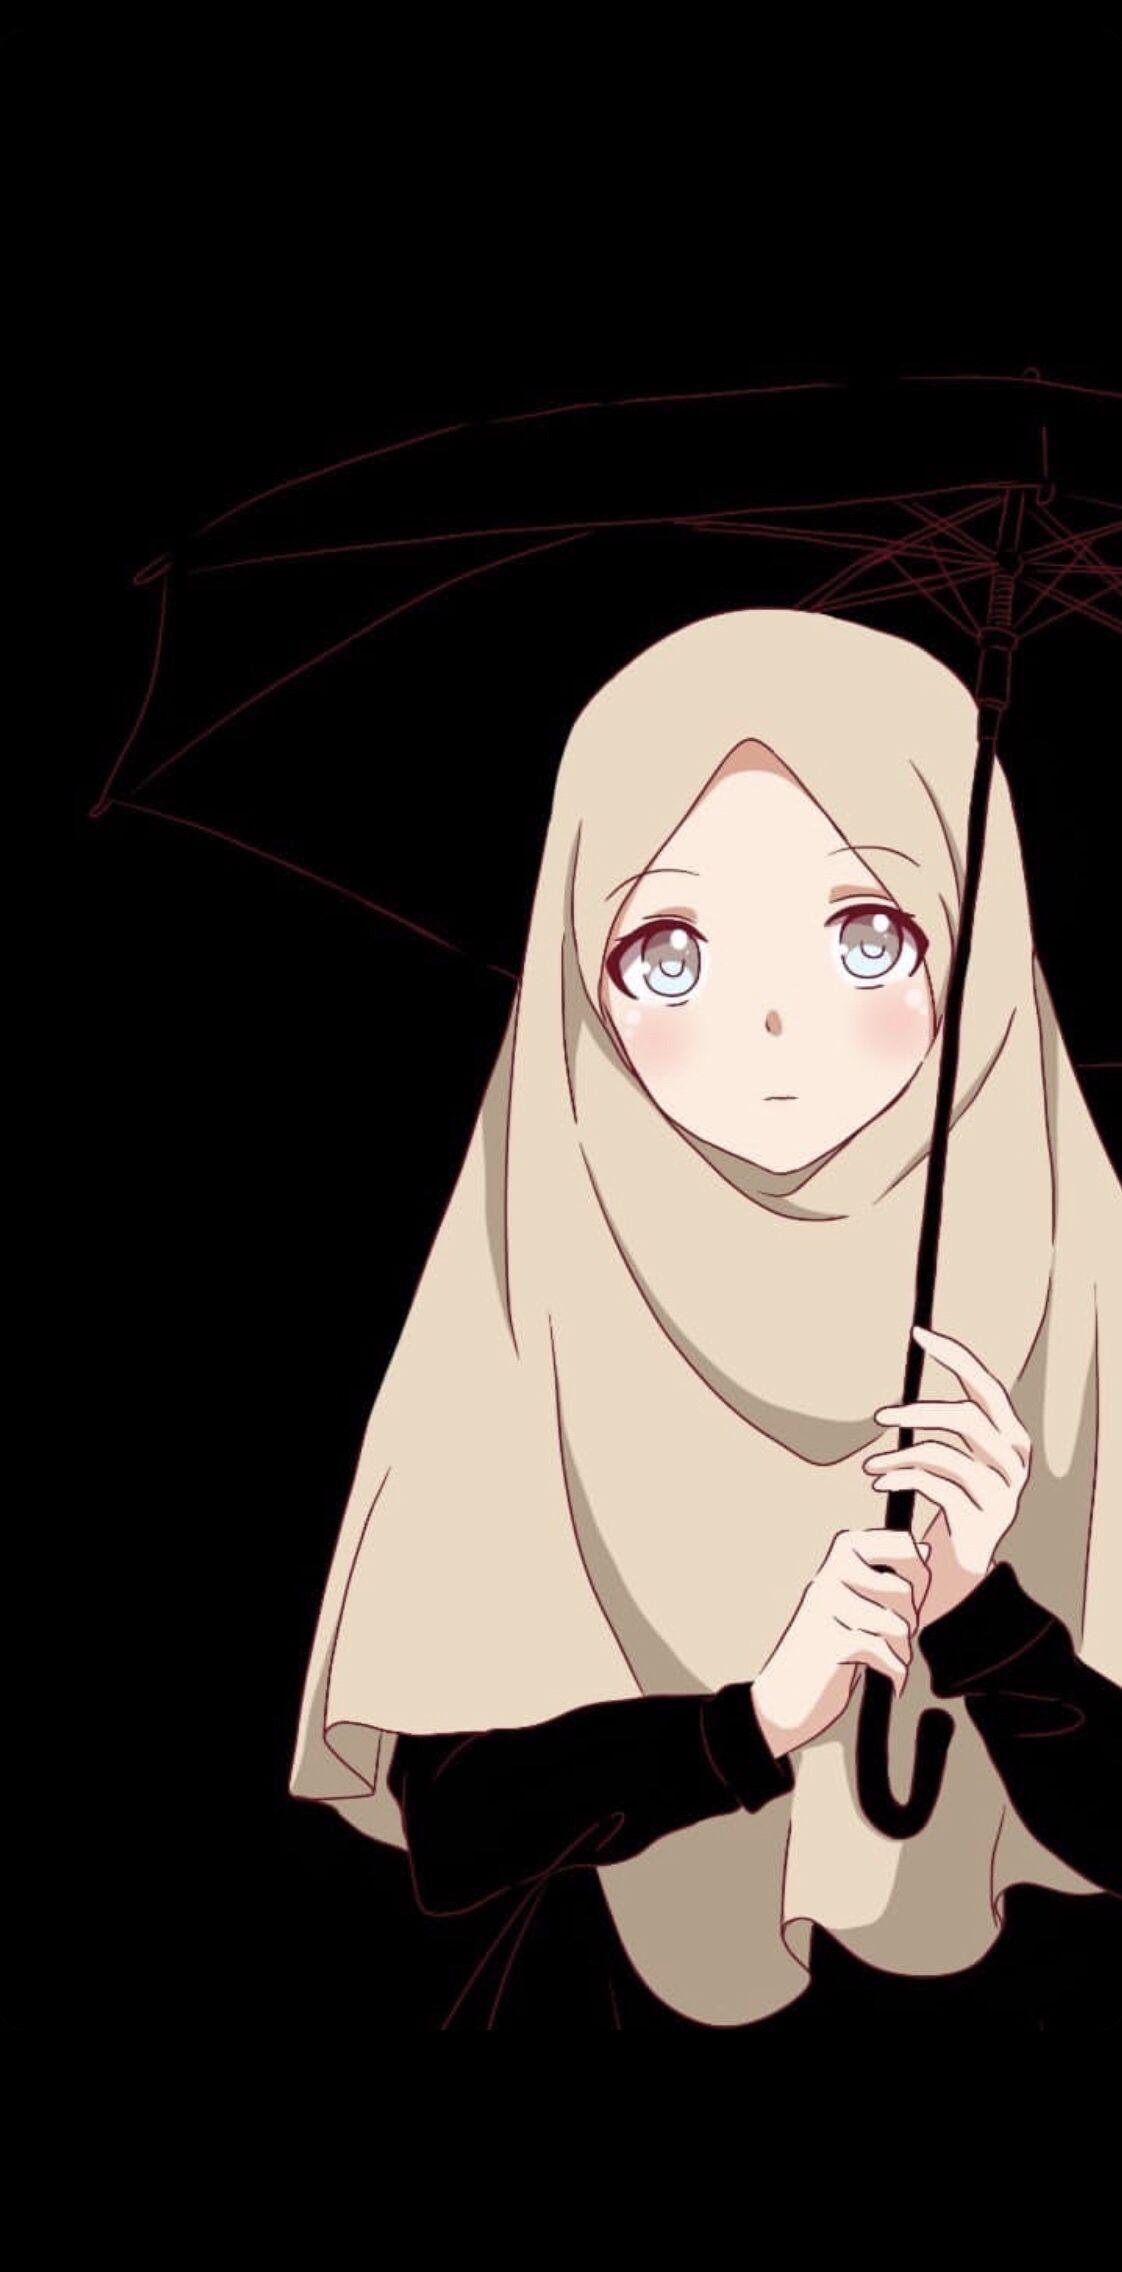 Pin Oleh Sarah Eldakak Di Muslim Anime Ilustrasi Karakter